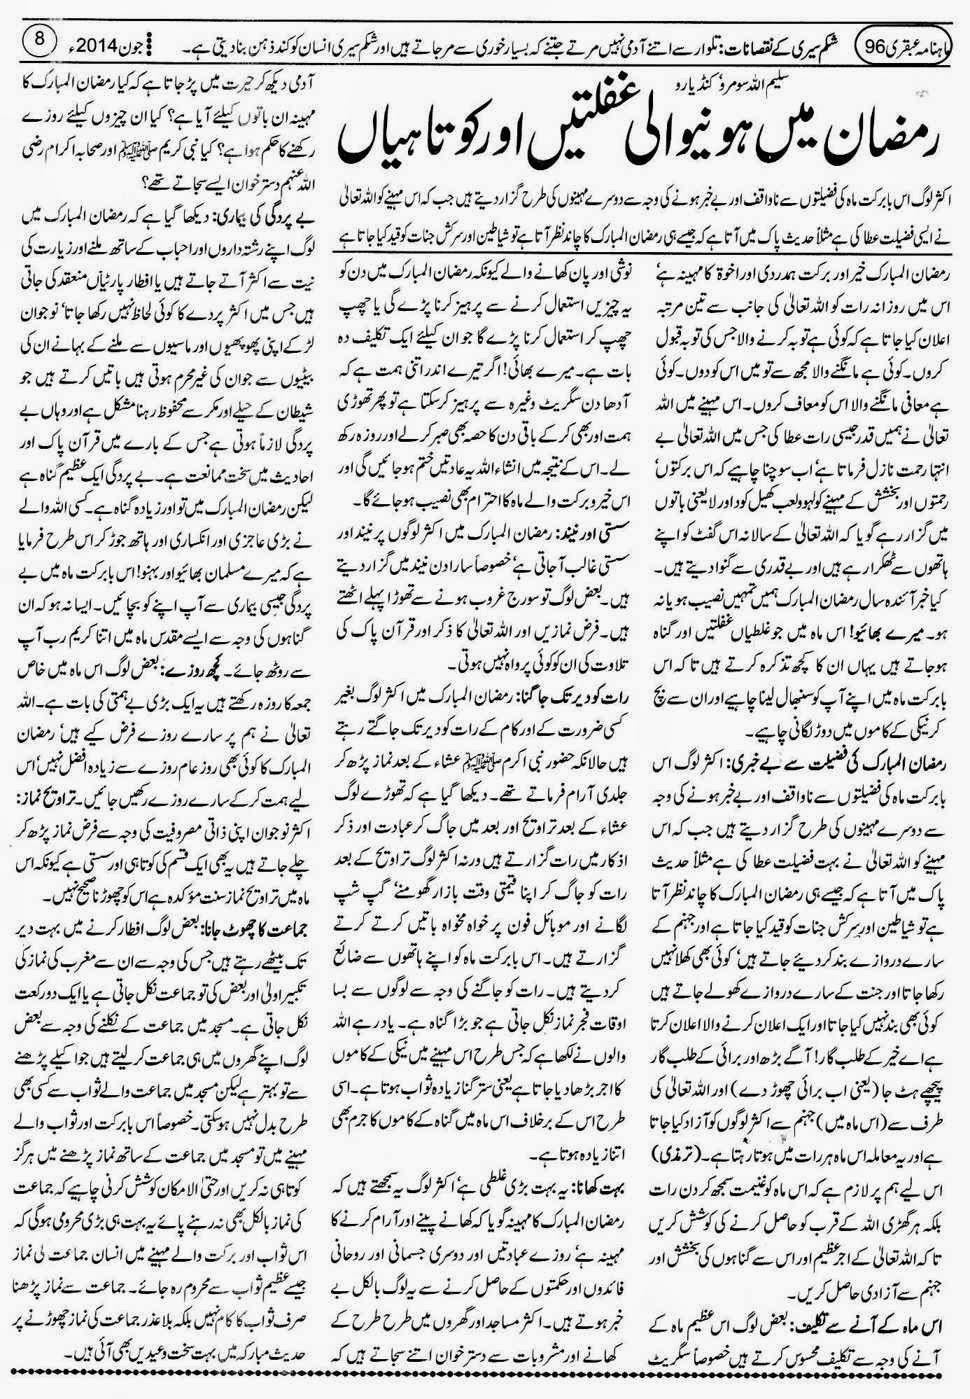 ubqari june 2014 page 8